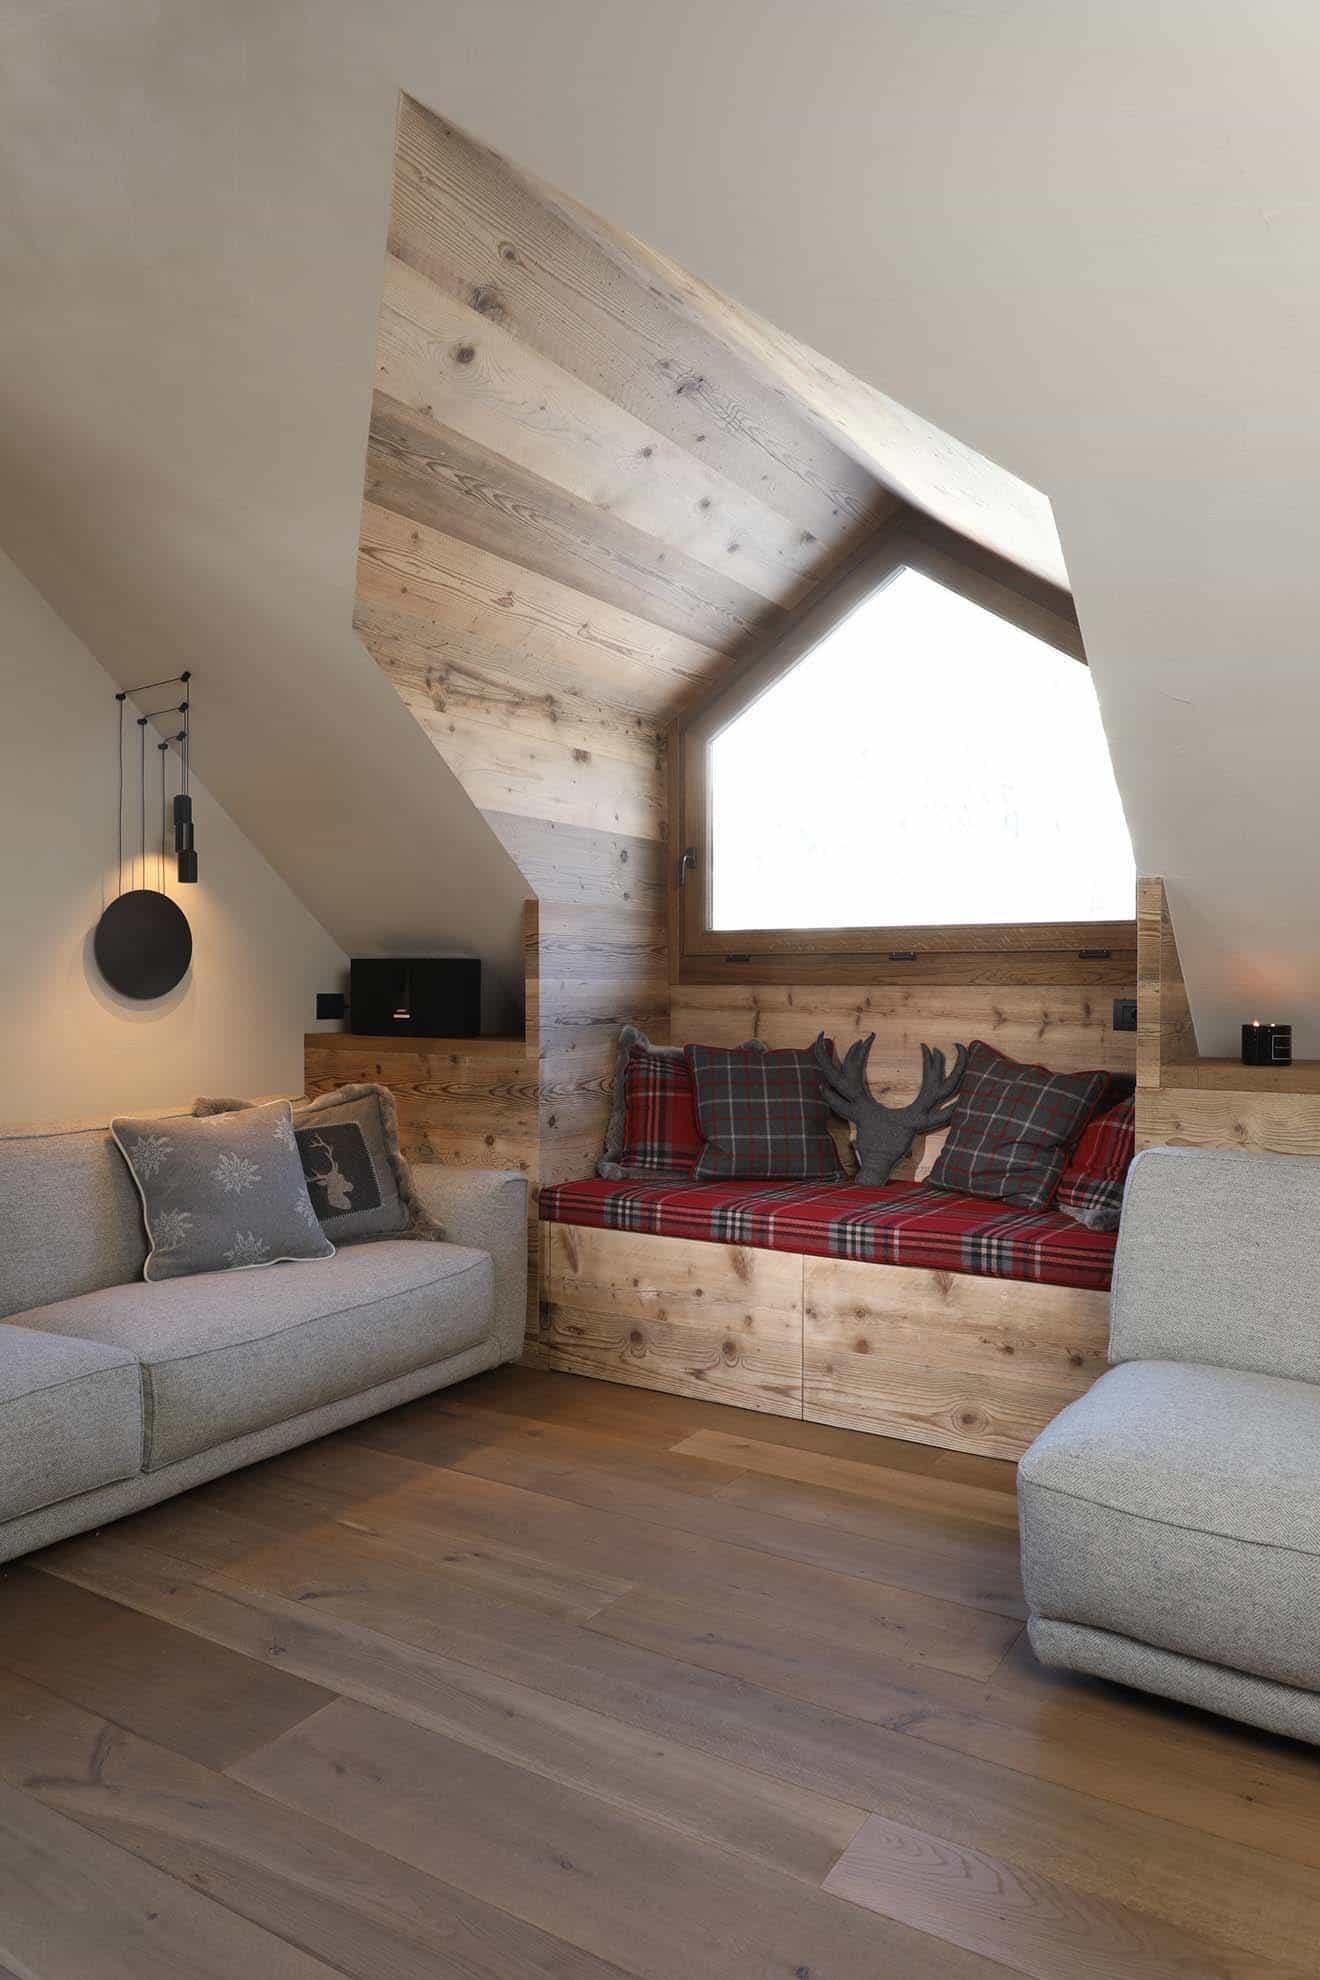 Progettazione ristrutturazione e interior design - Appartamento Courmayer Le Betulle - Zanetti Cantieri